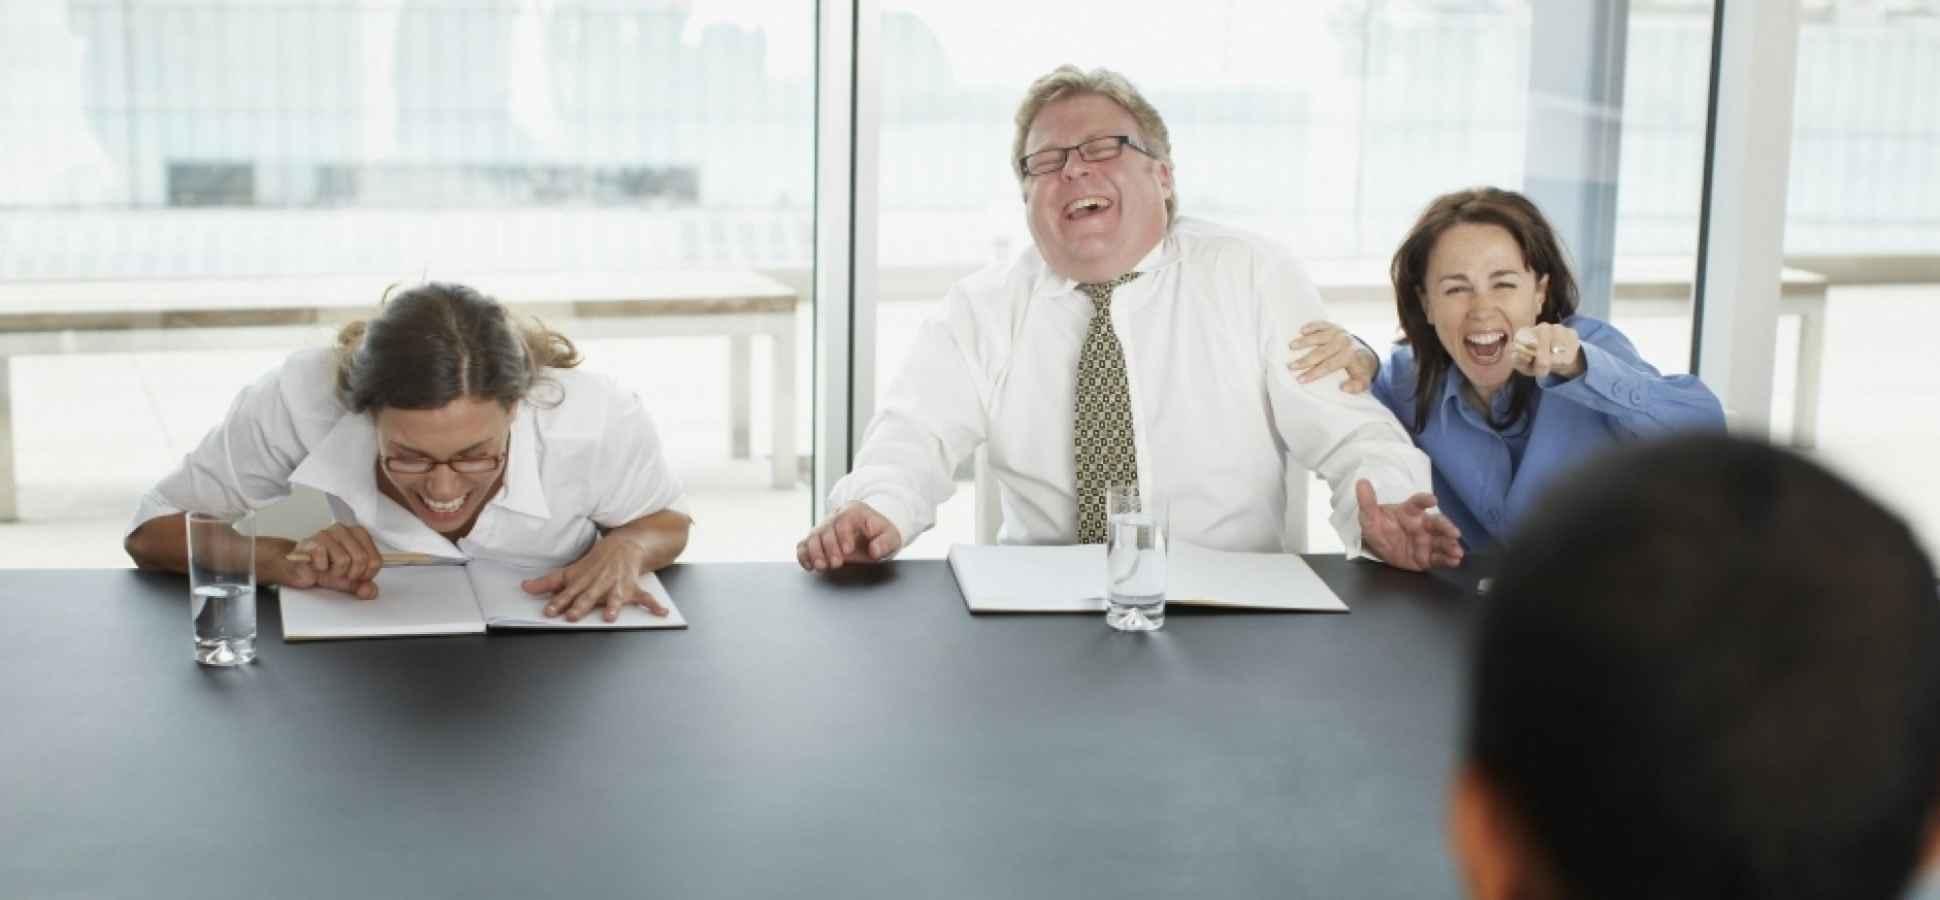 more hilarious tales of job interview embarrassment com